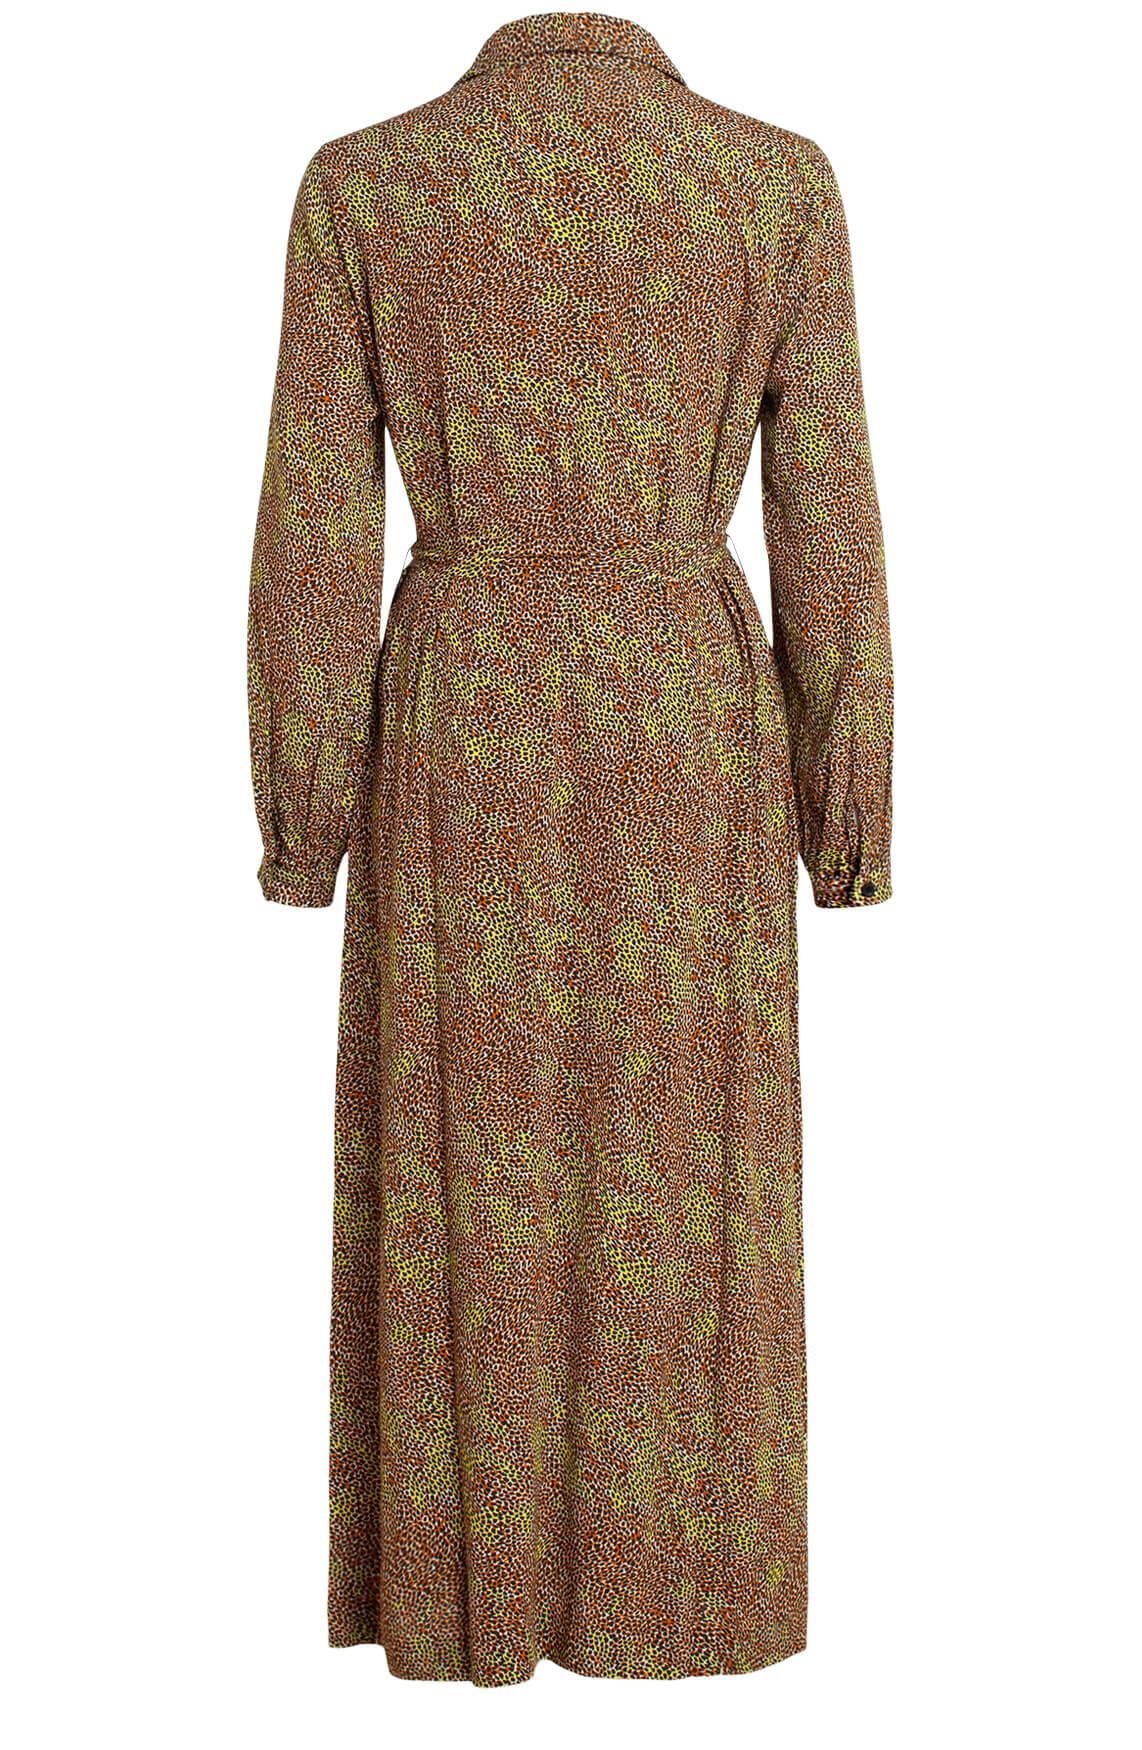 Anna Dames Lange jurk met animalprint Bruin